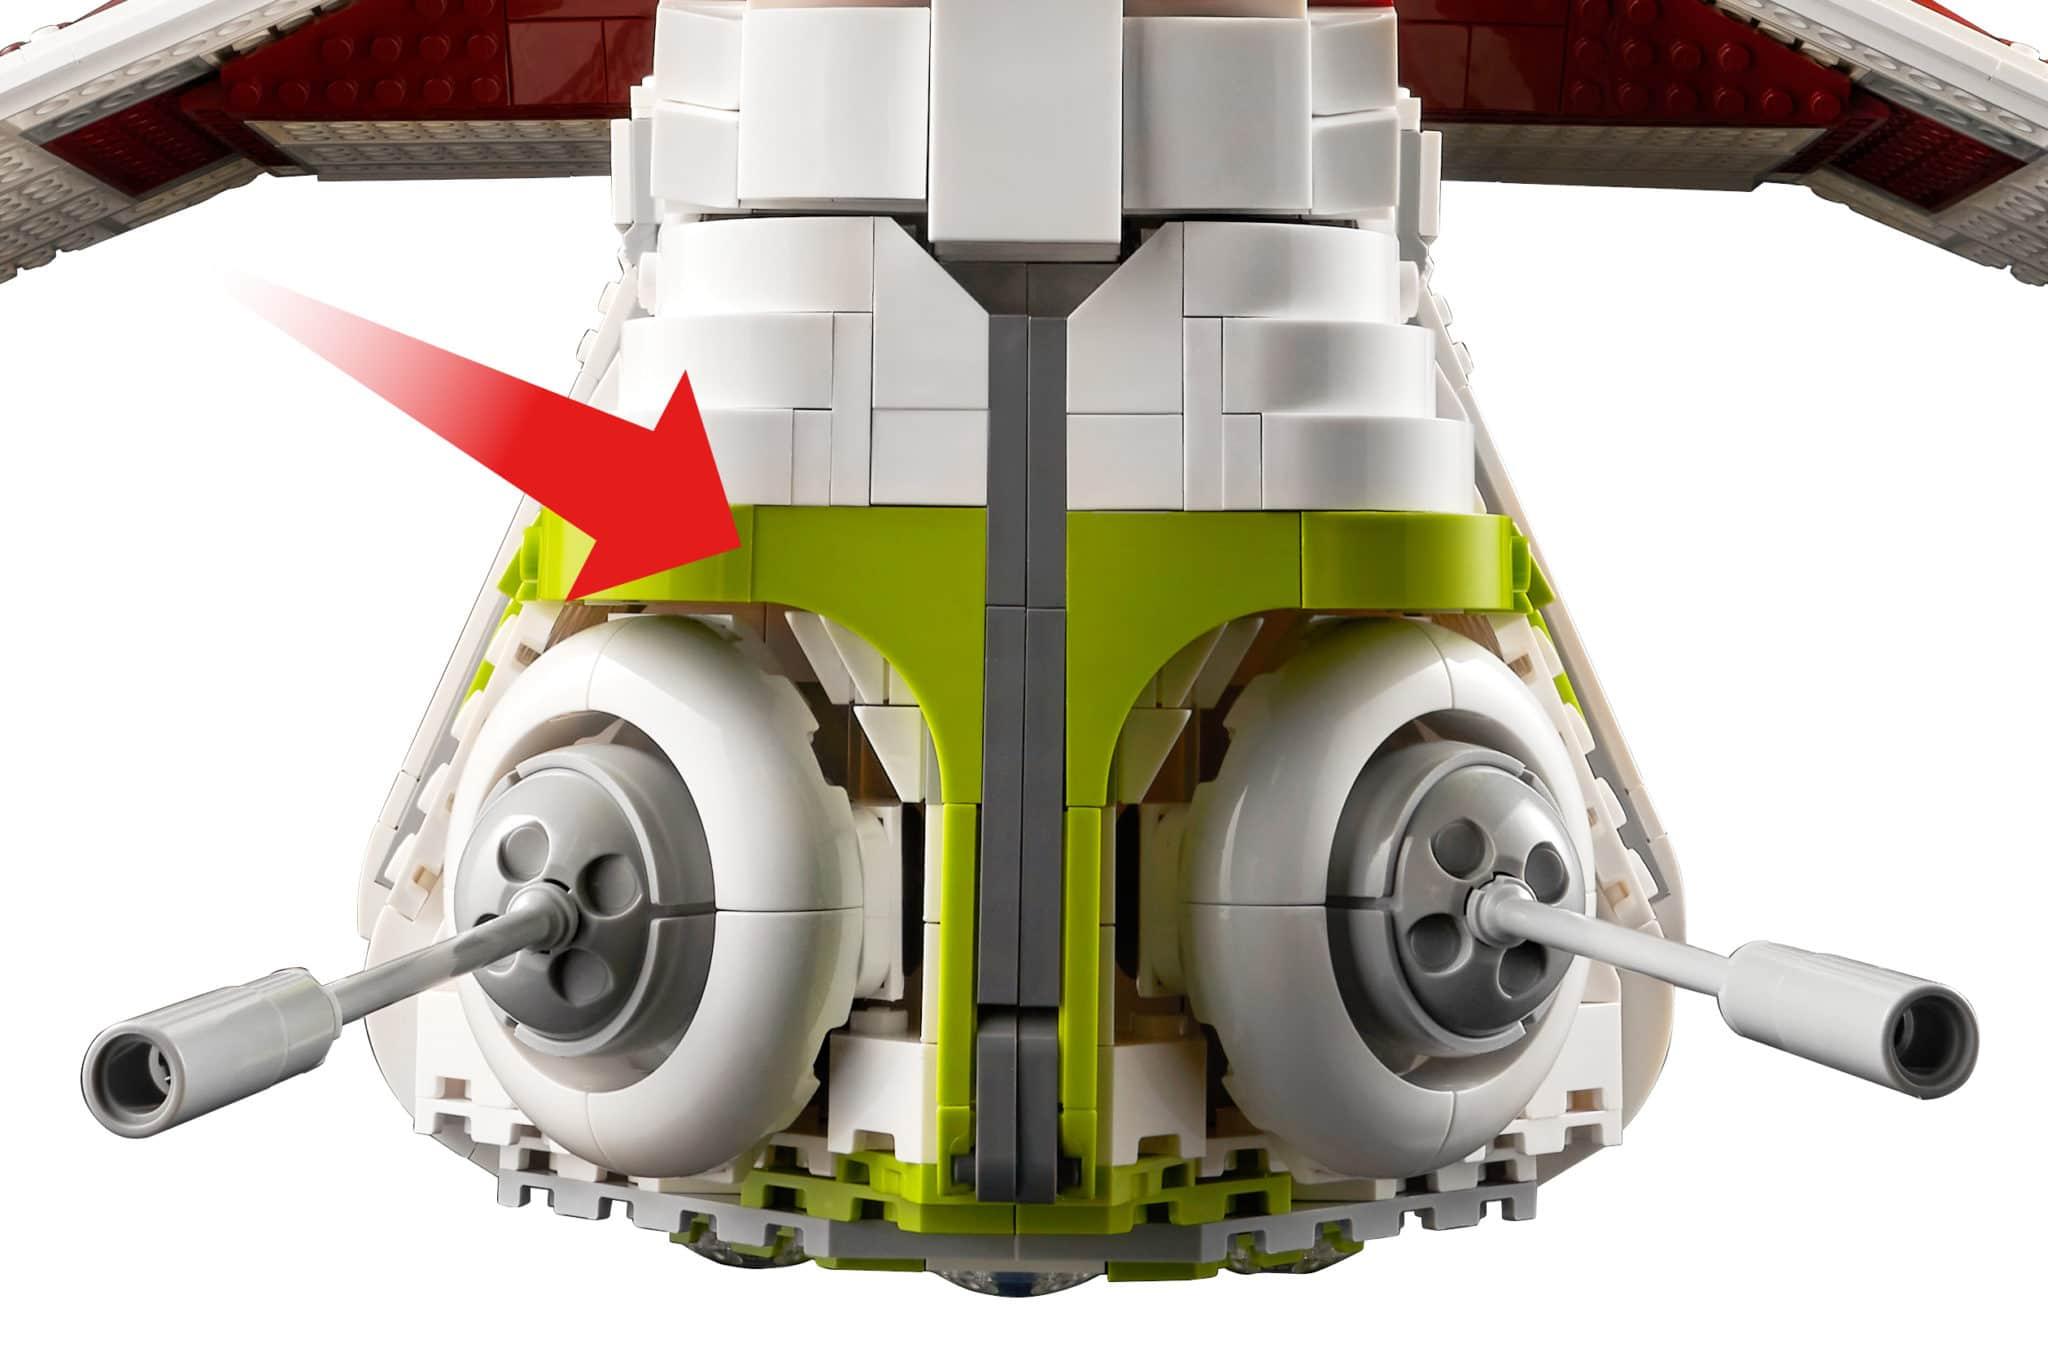 LEGO Star Wars 75309 Gunship Neue Teile05